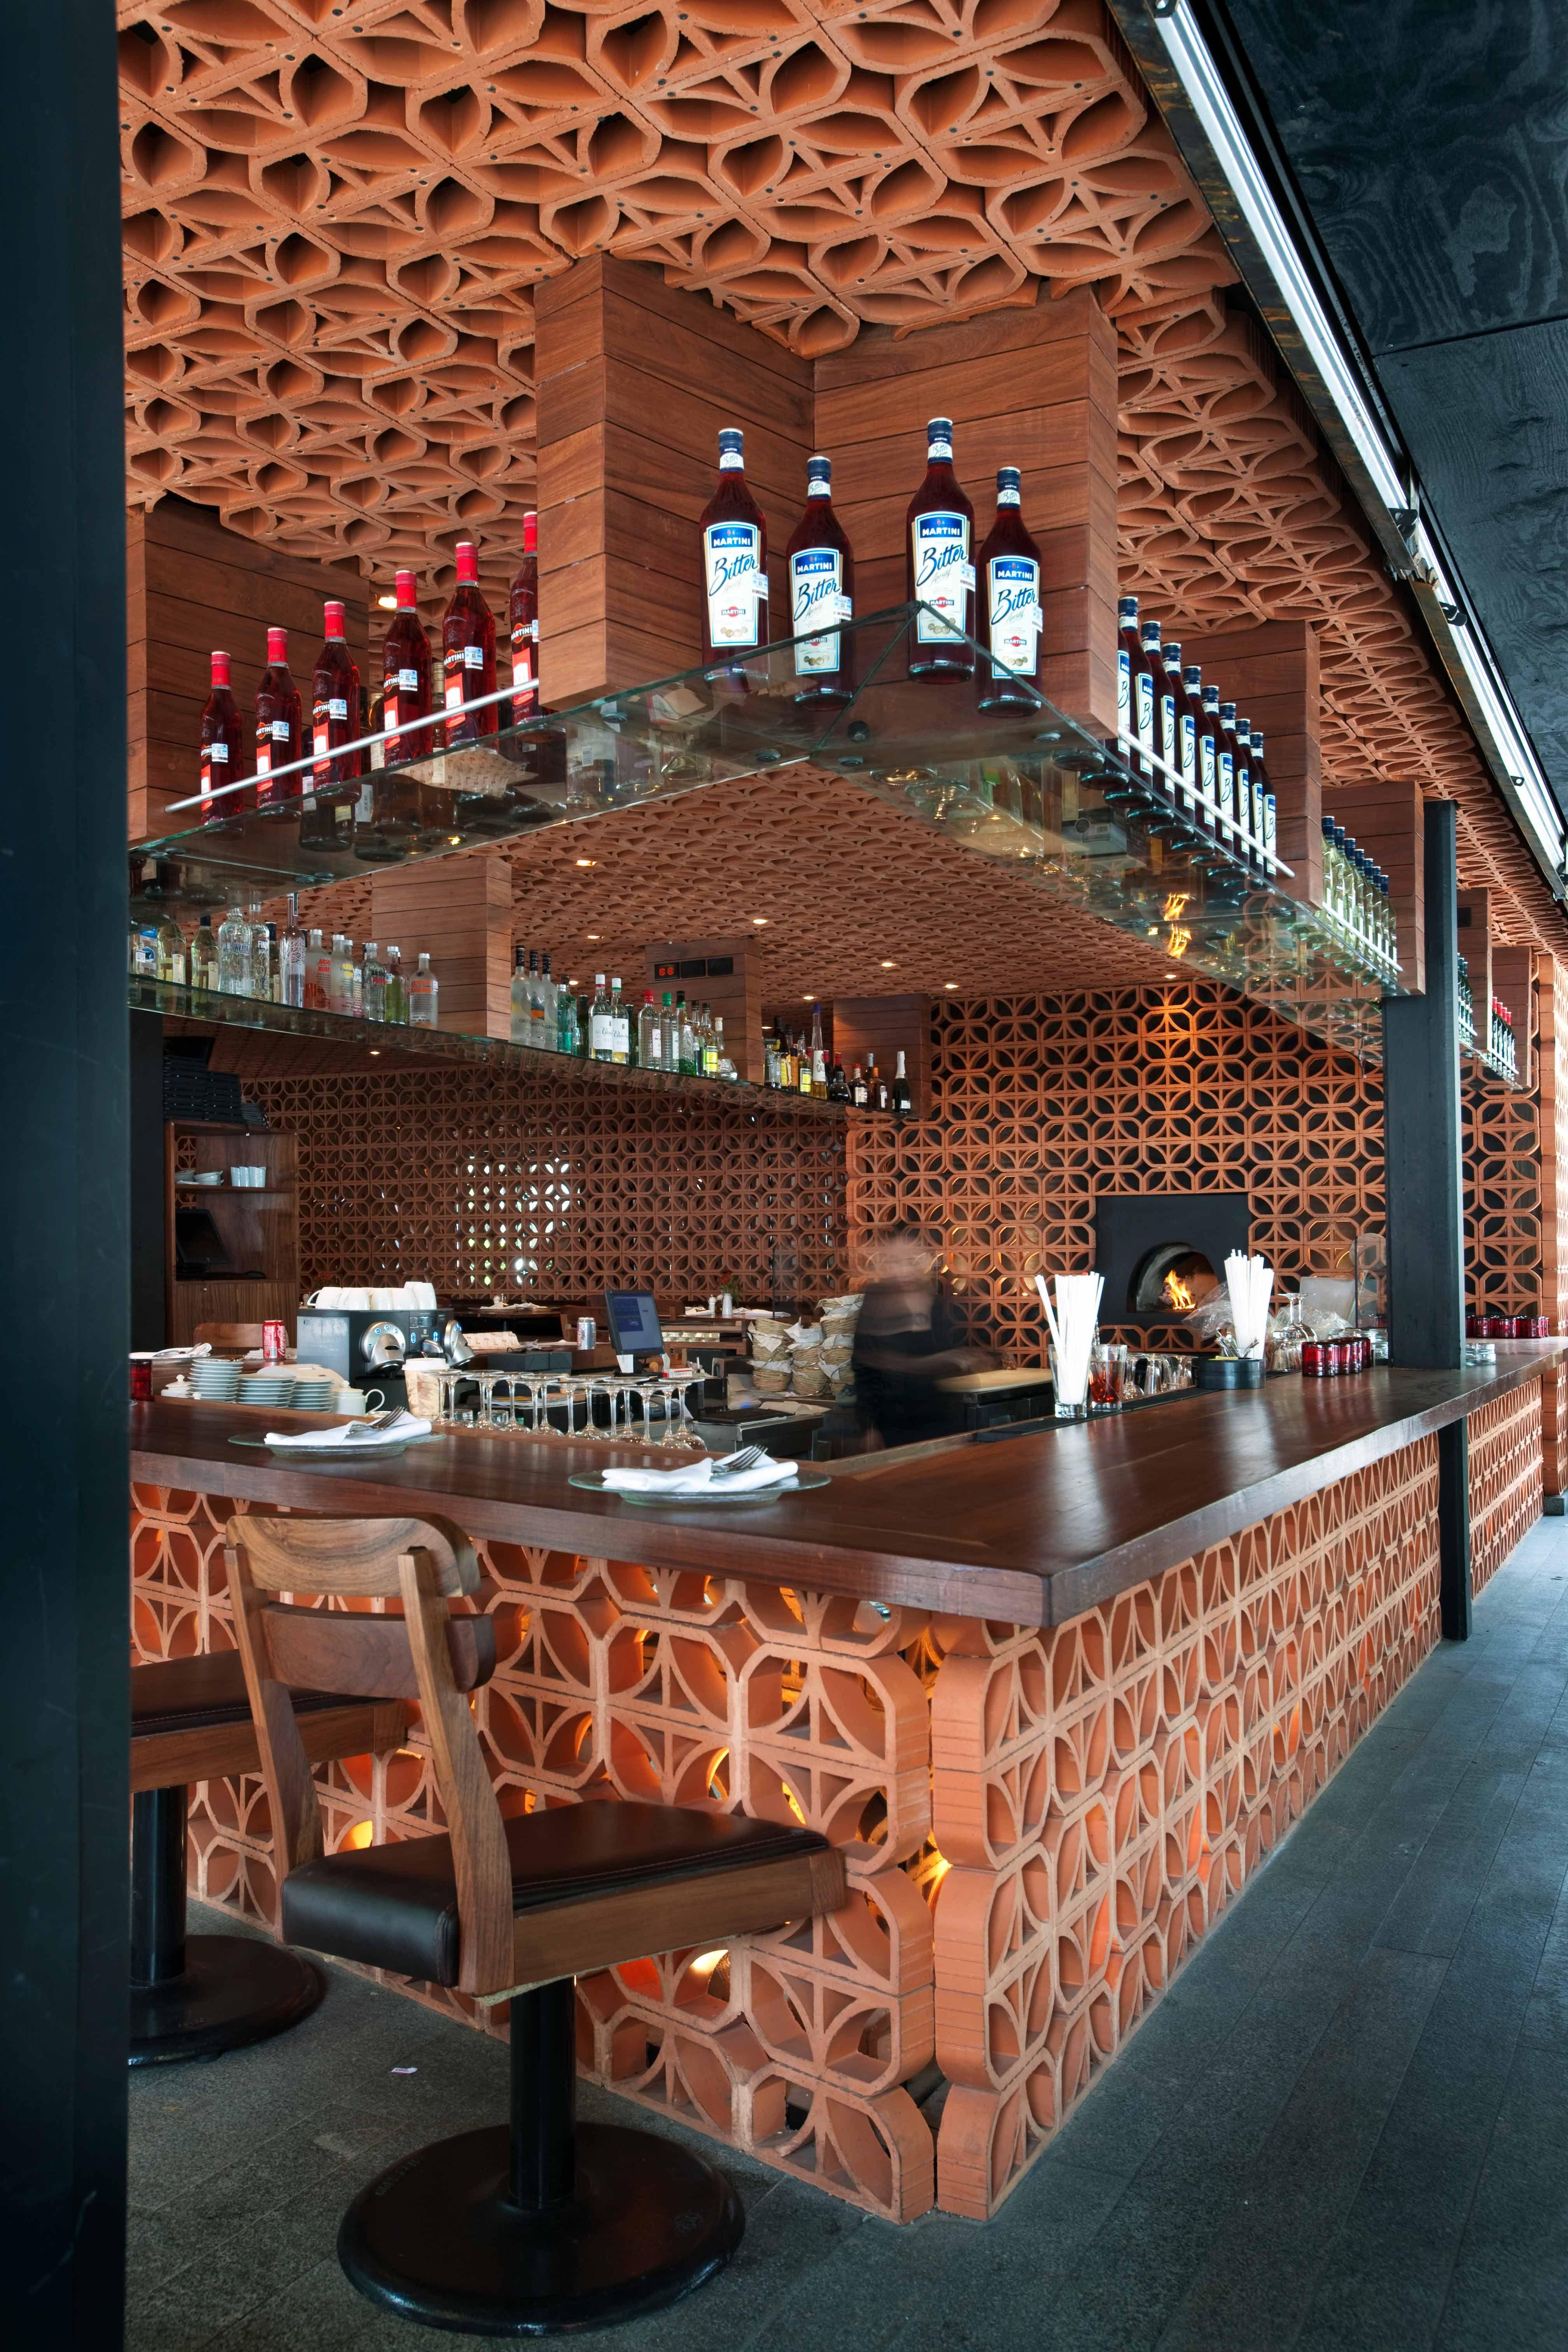 barra restaurante diseño - Buscar con Google   INTERIOR DESIGN <3 ...